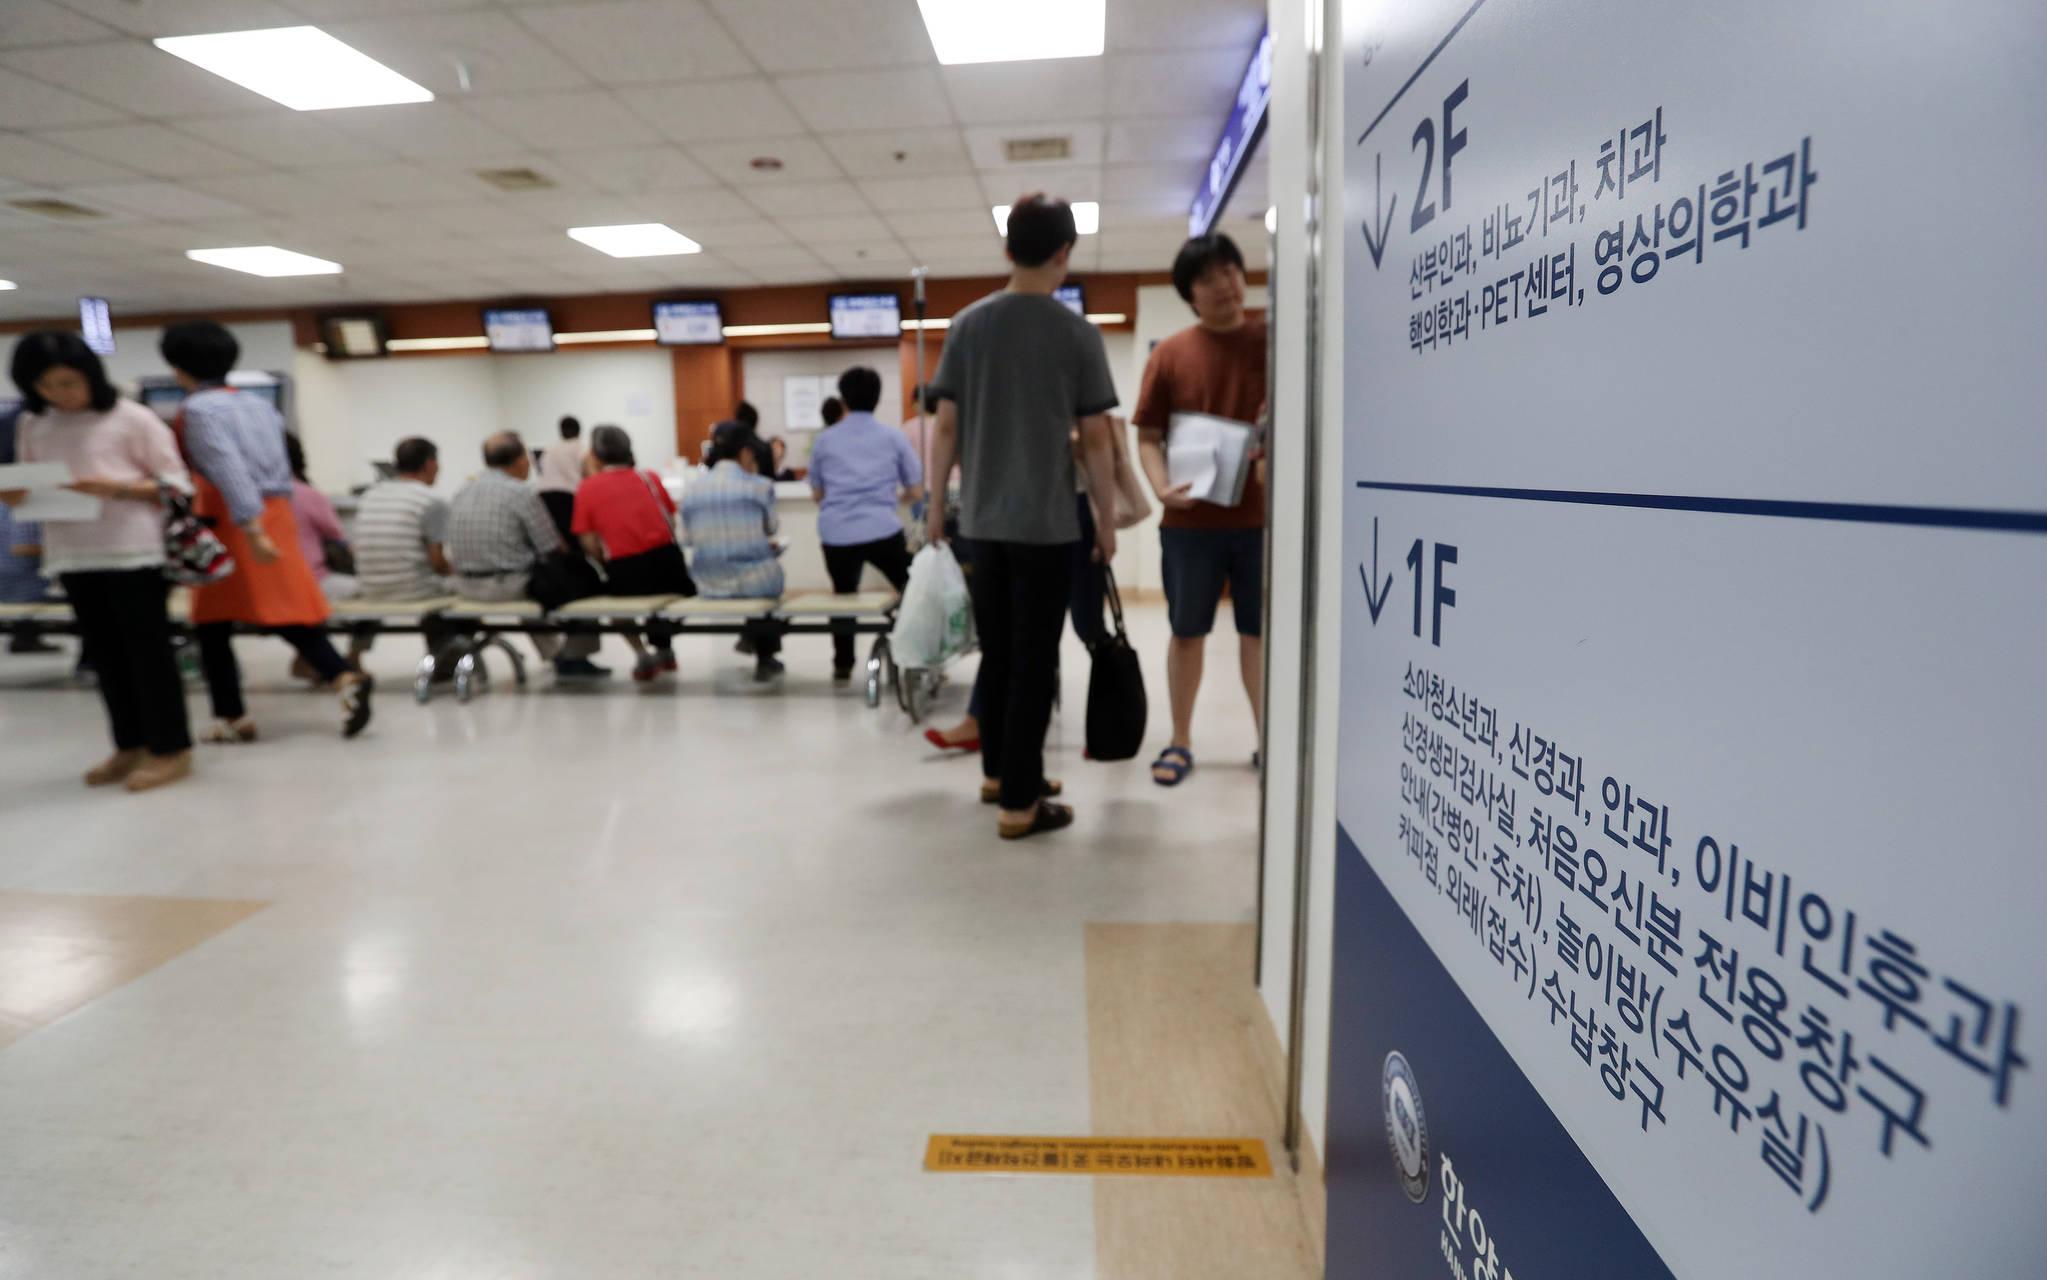 환자들로 붐비는 한 종합병원 외래 진료 창구. 지난 8월 발표된 정부의 건보 보장성 강화 정책, 이른바 '문재인 케어'에 대해서 국민들은 찬성 의견이 많았지만 본인 부담 증가에는 소극적이었다. [연합뉴스]